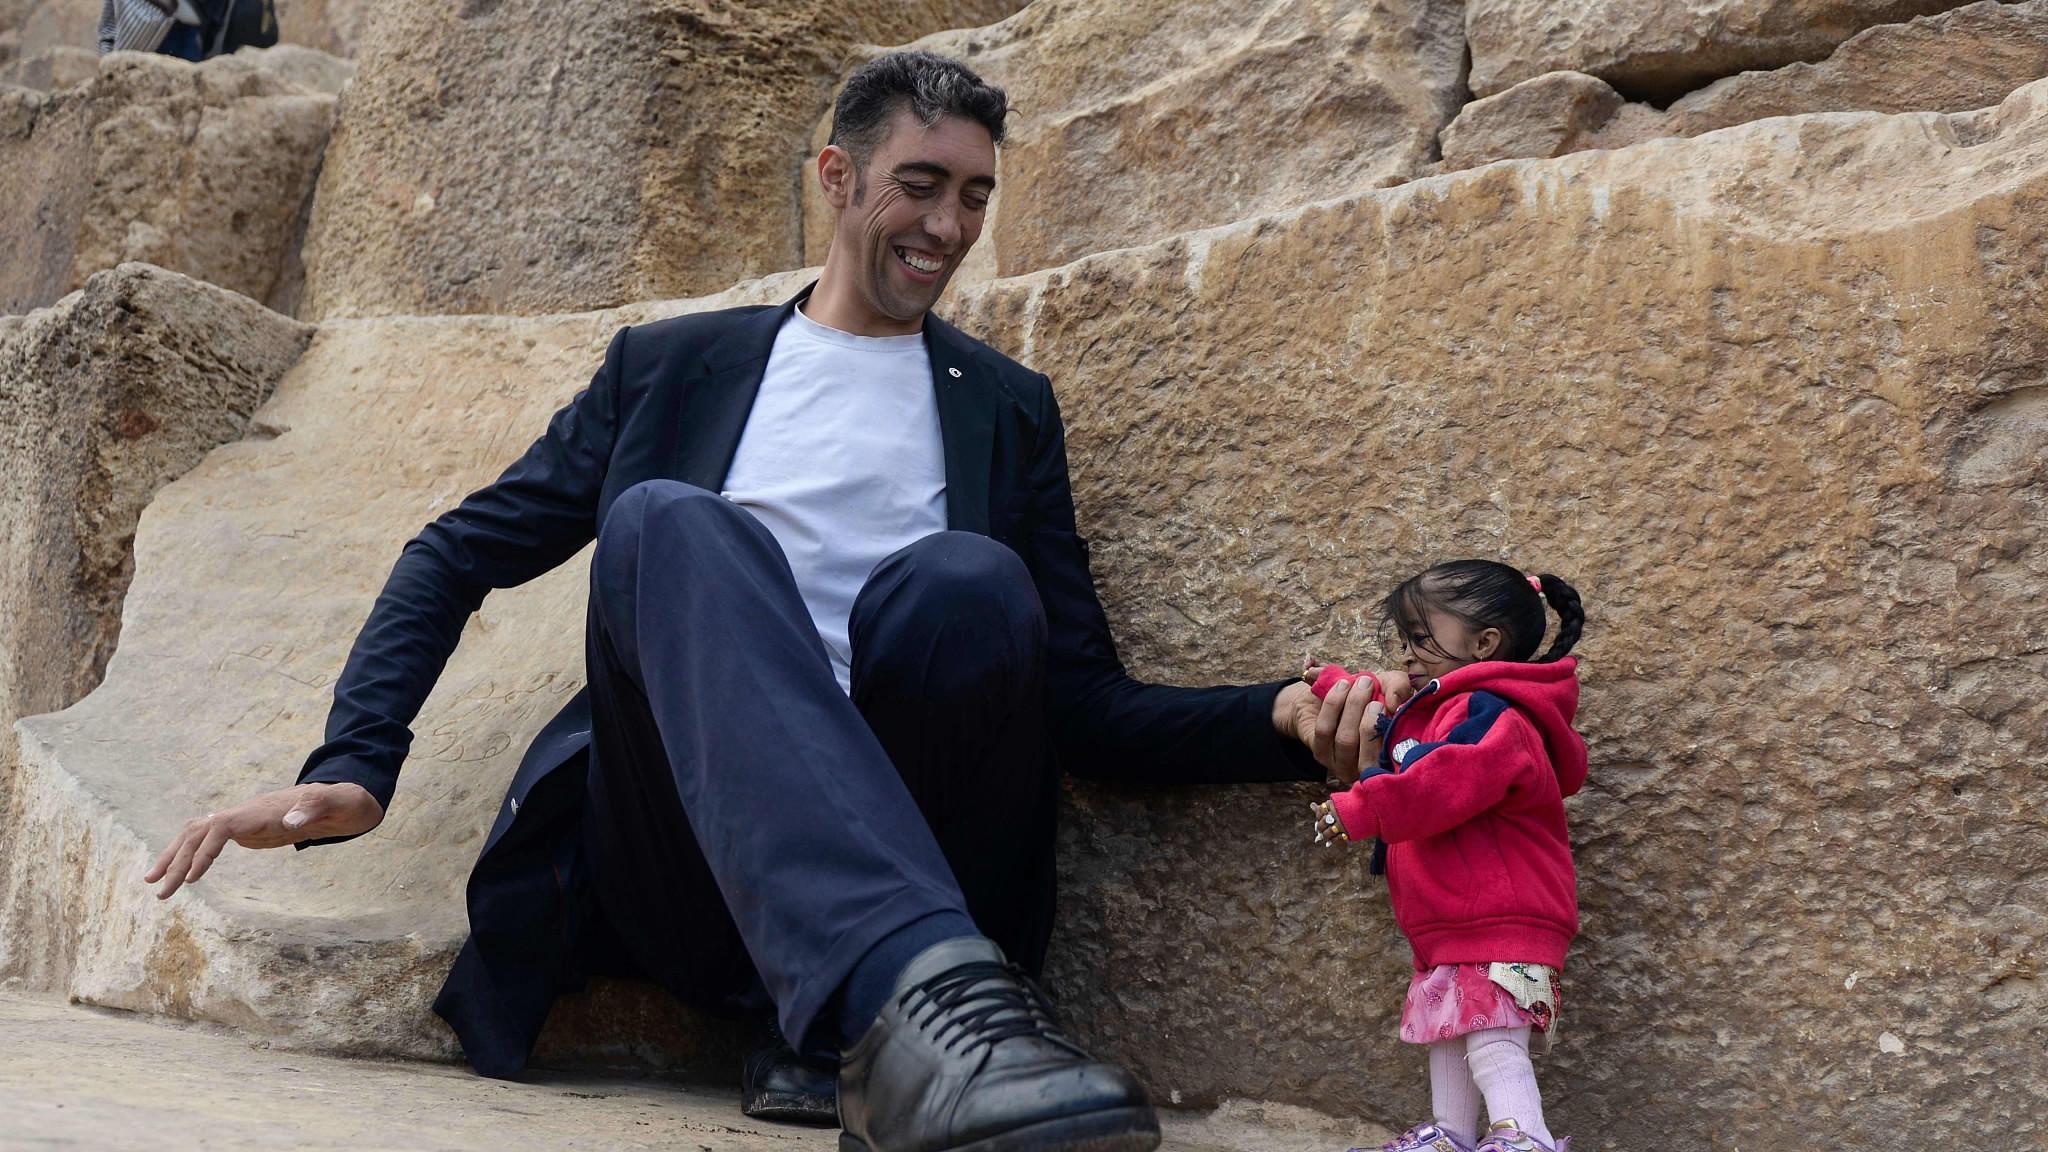 صورة اطول رجل في العالم , صور اطول شخص فى العالم